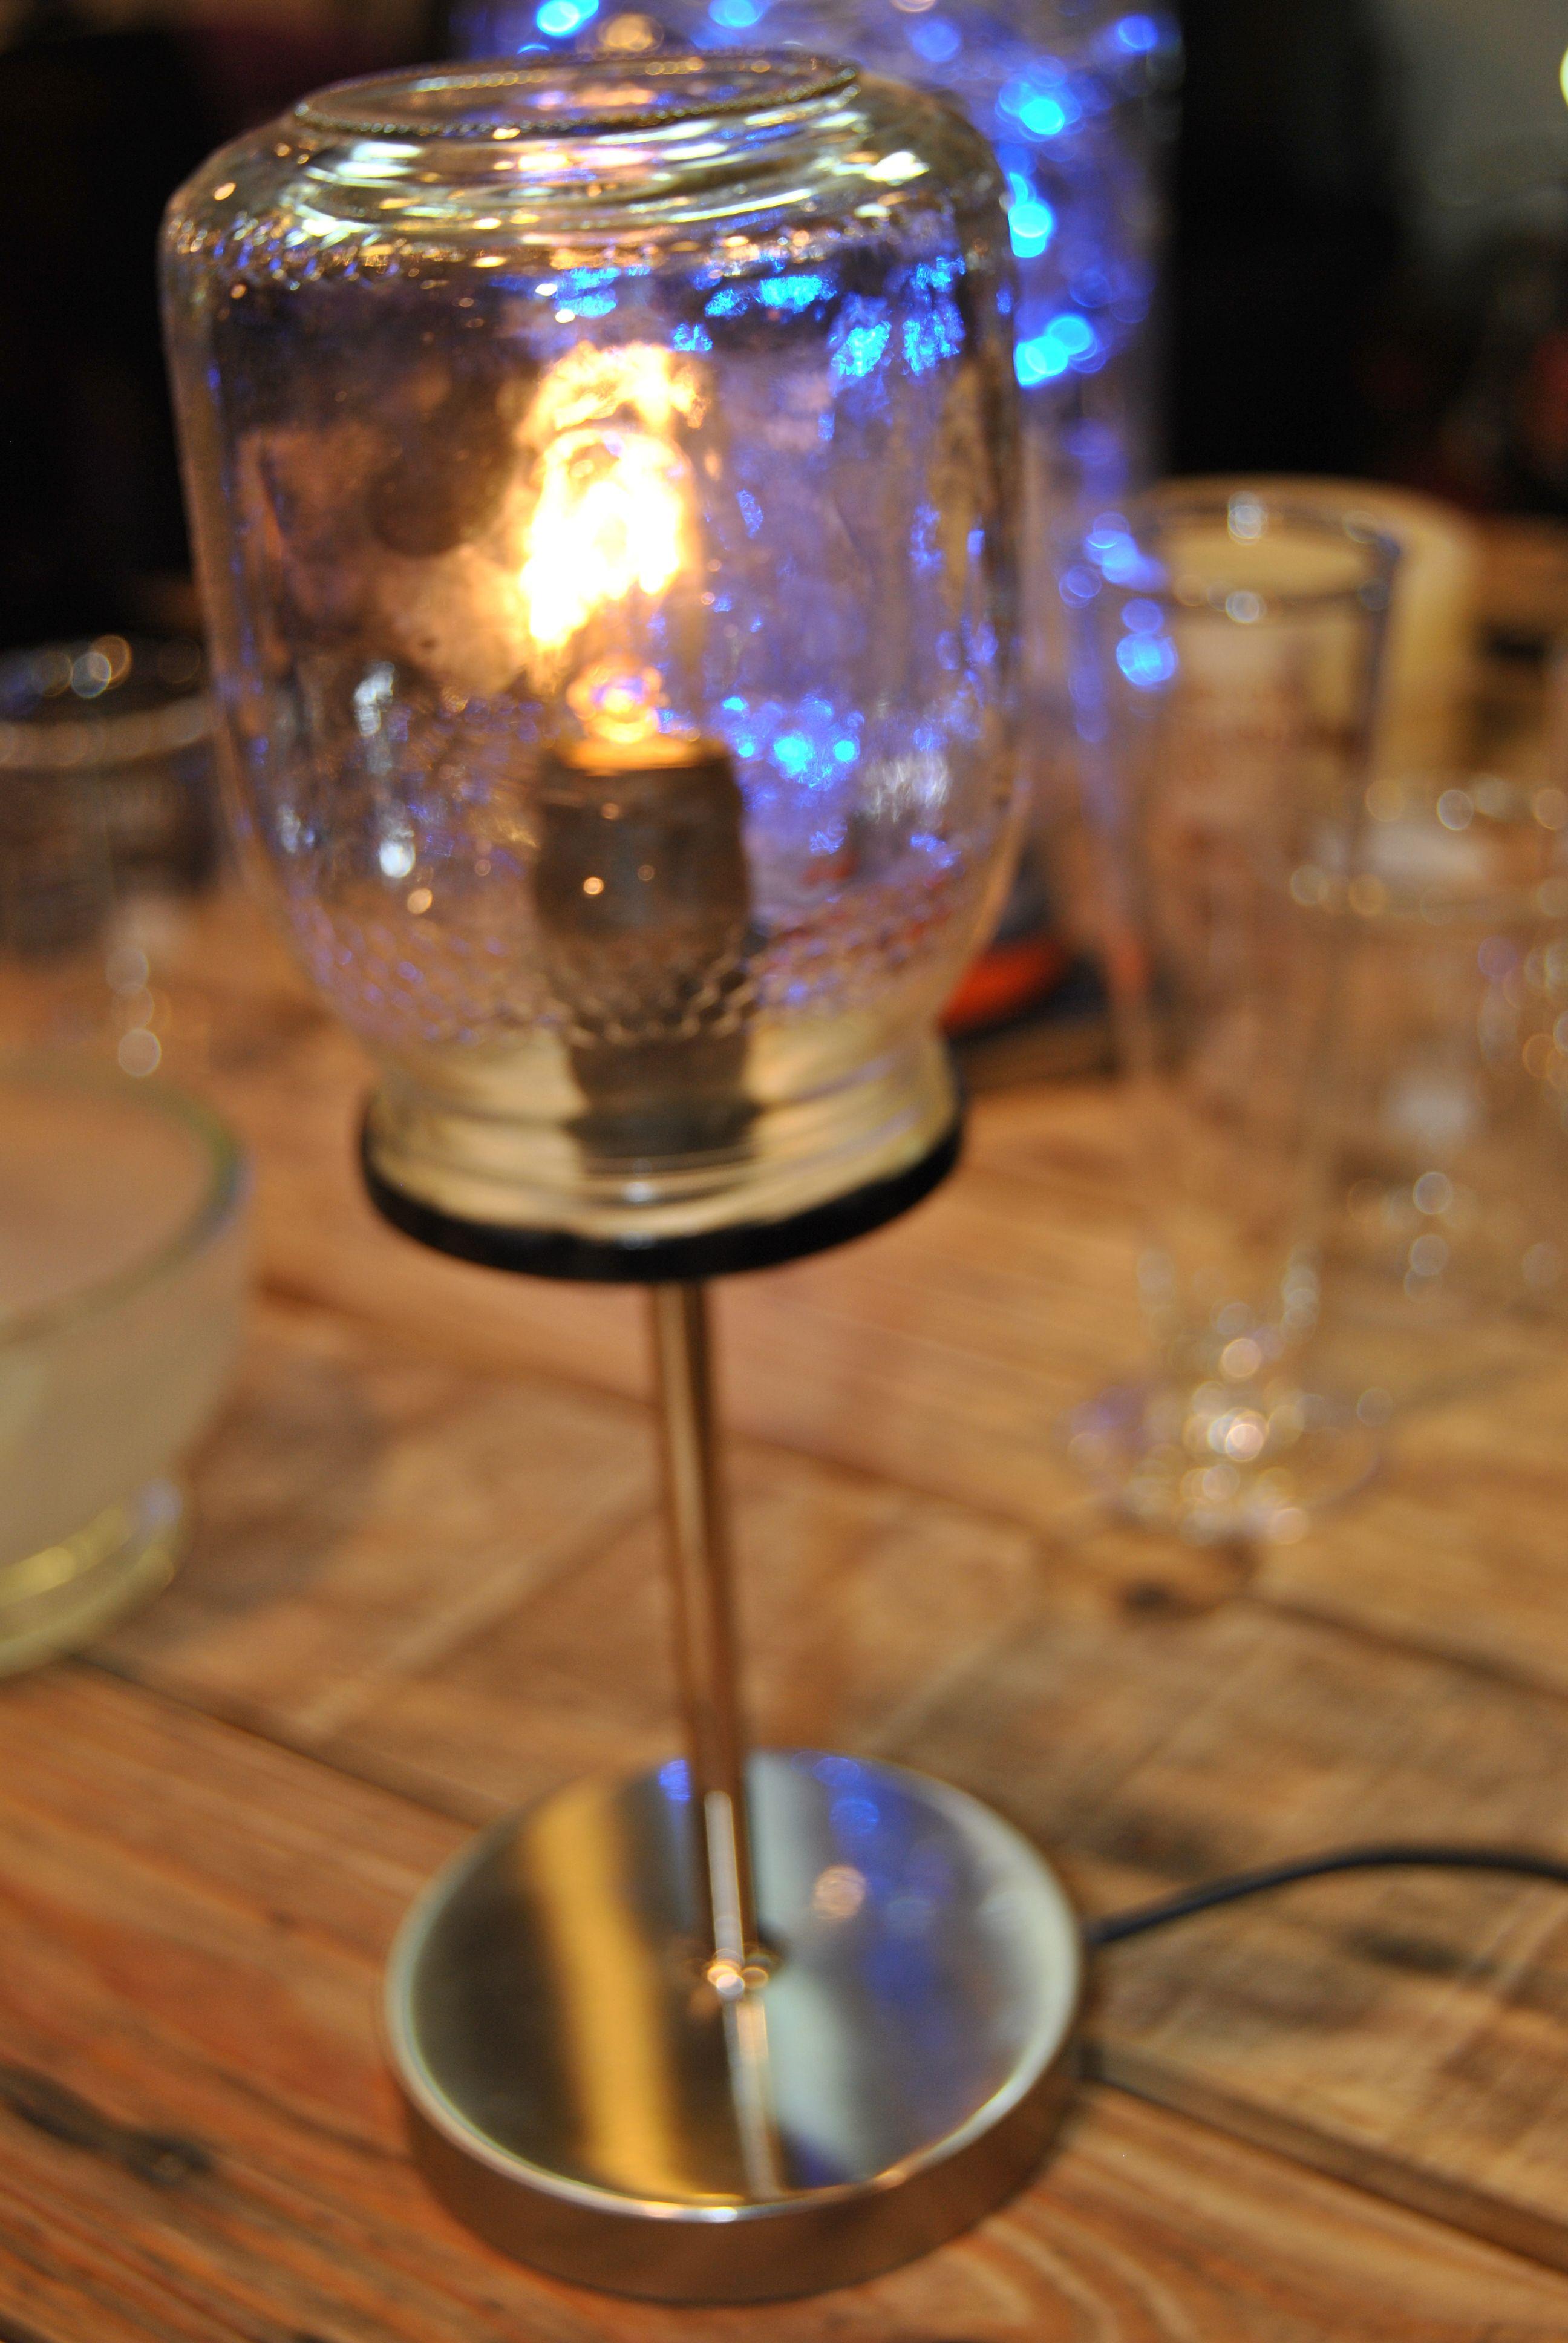 de de para de Reciclaje vidrio botes una lámpara realizar FT1lKc3J